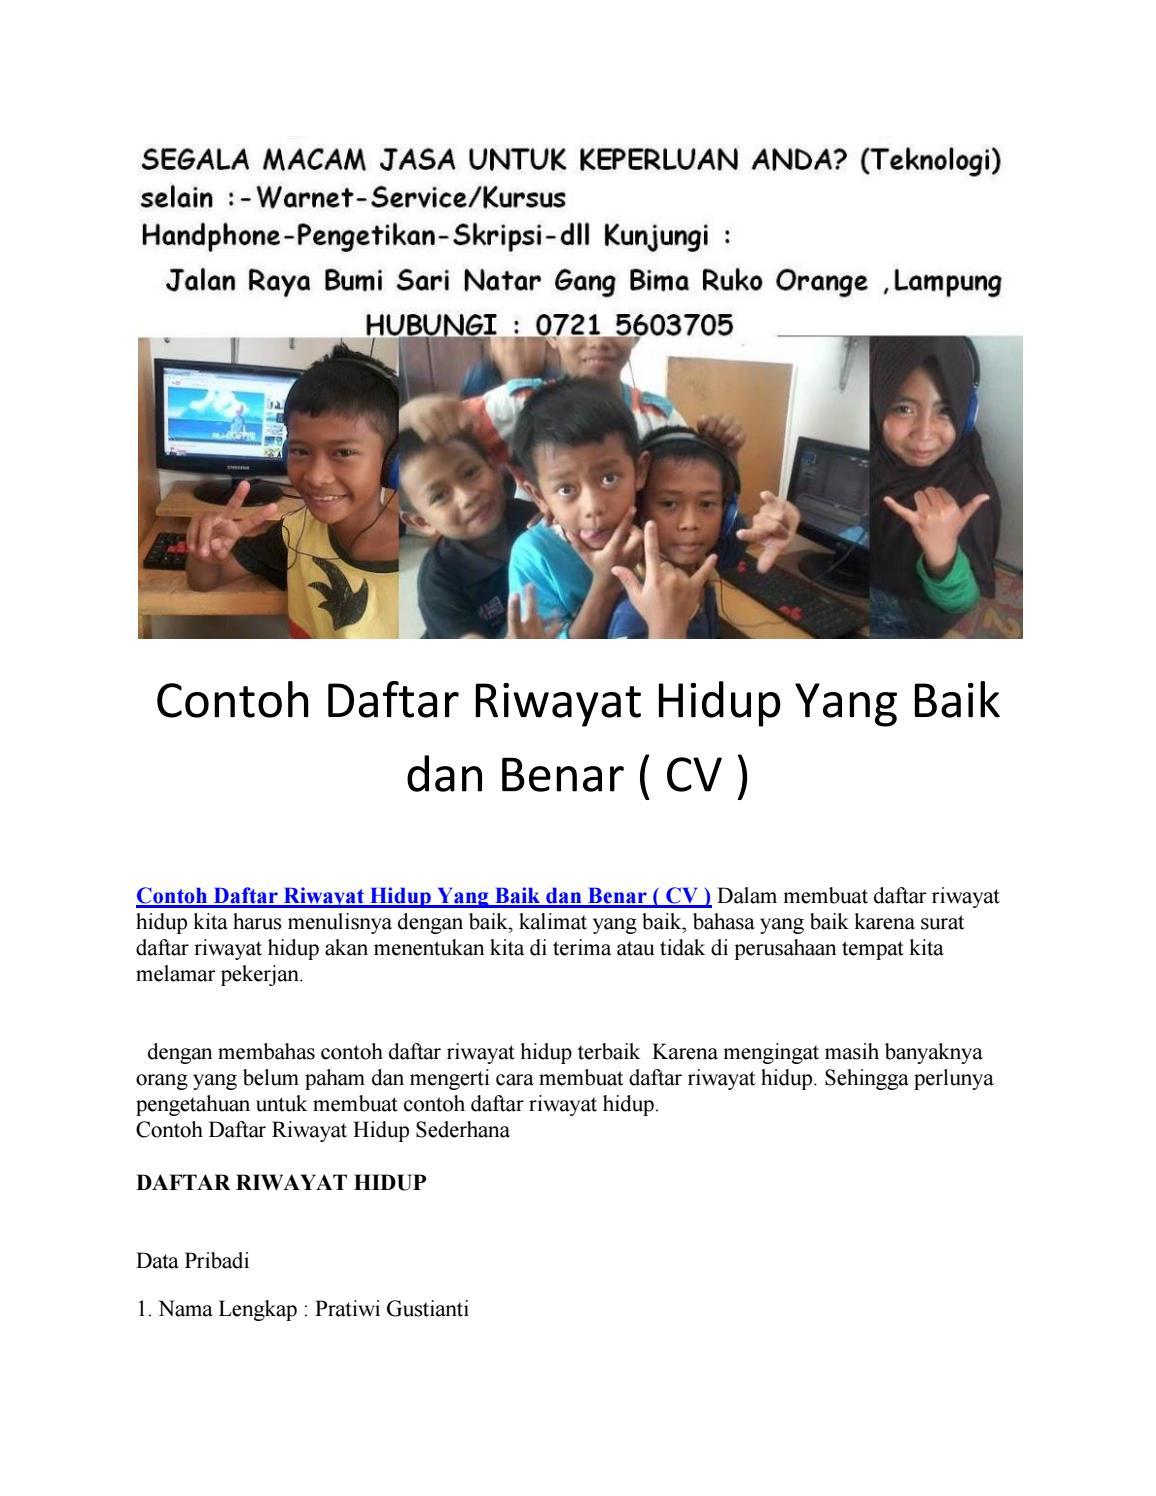 Contoh Daftar Riwayat Hidup Yang Baik Dan Benar Cv By Lampung